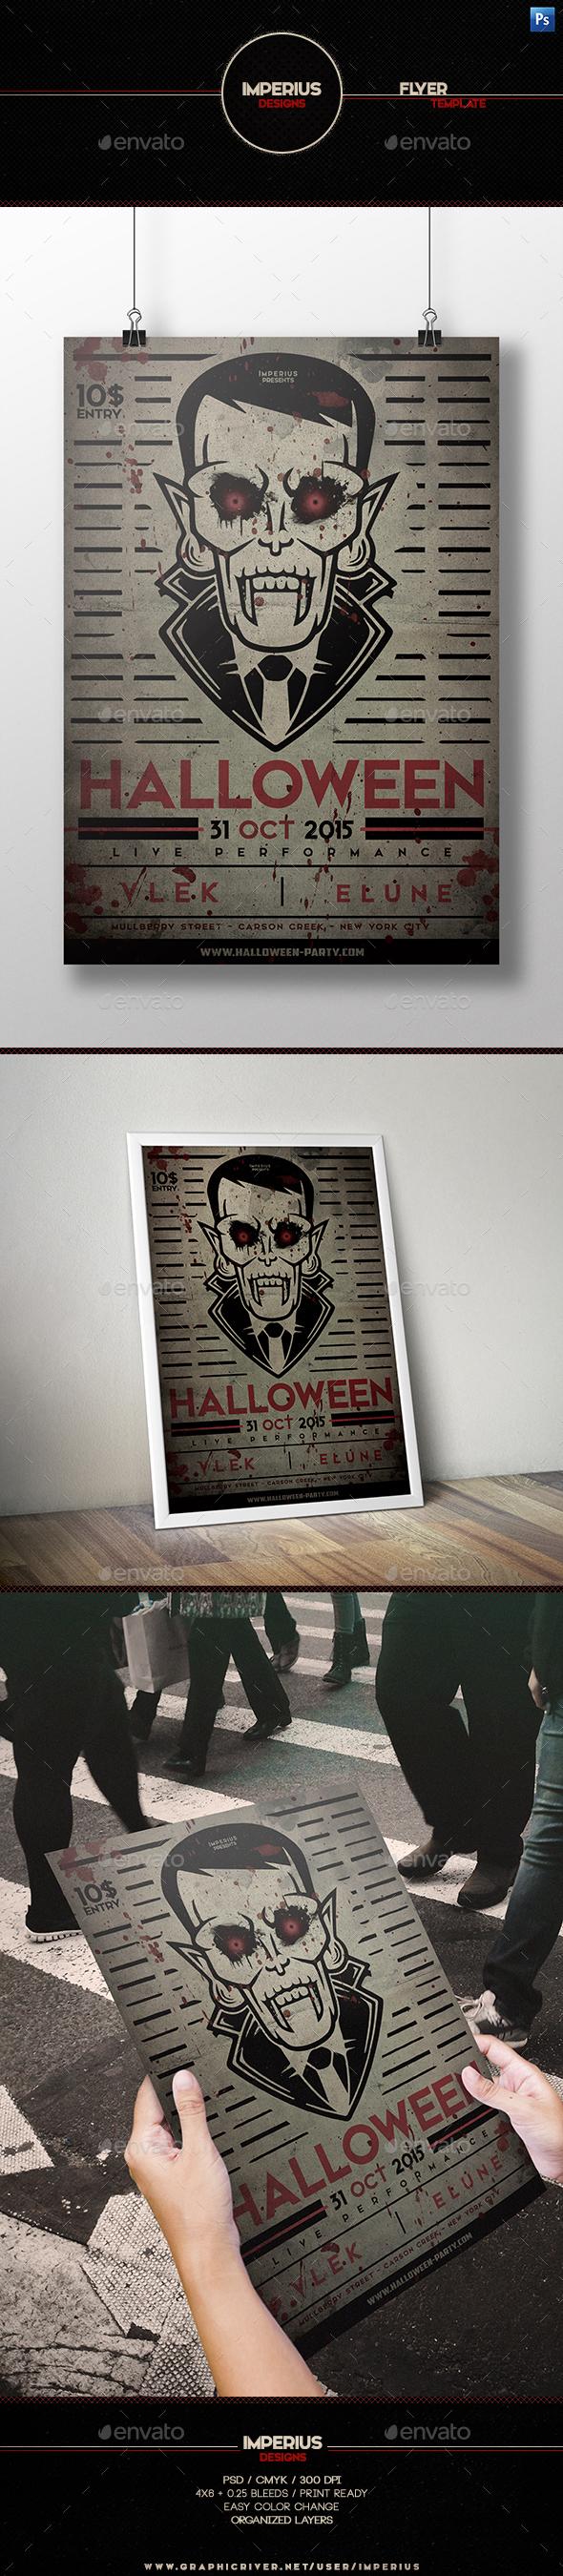 Halloween V4 Flyer